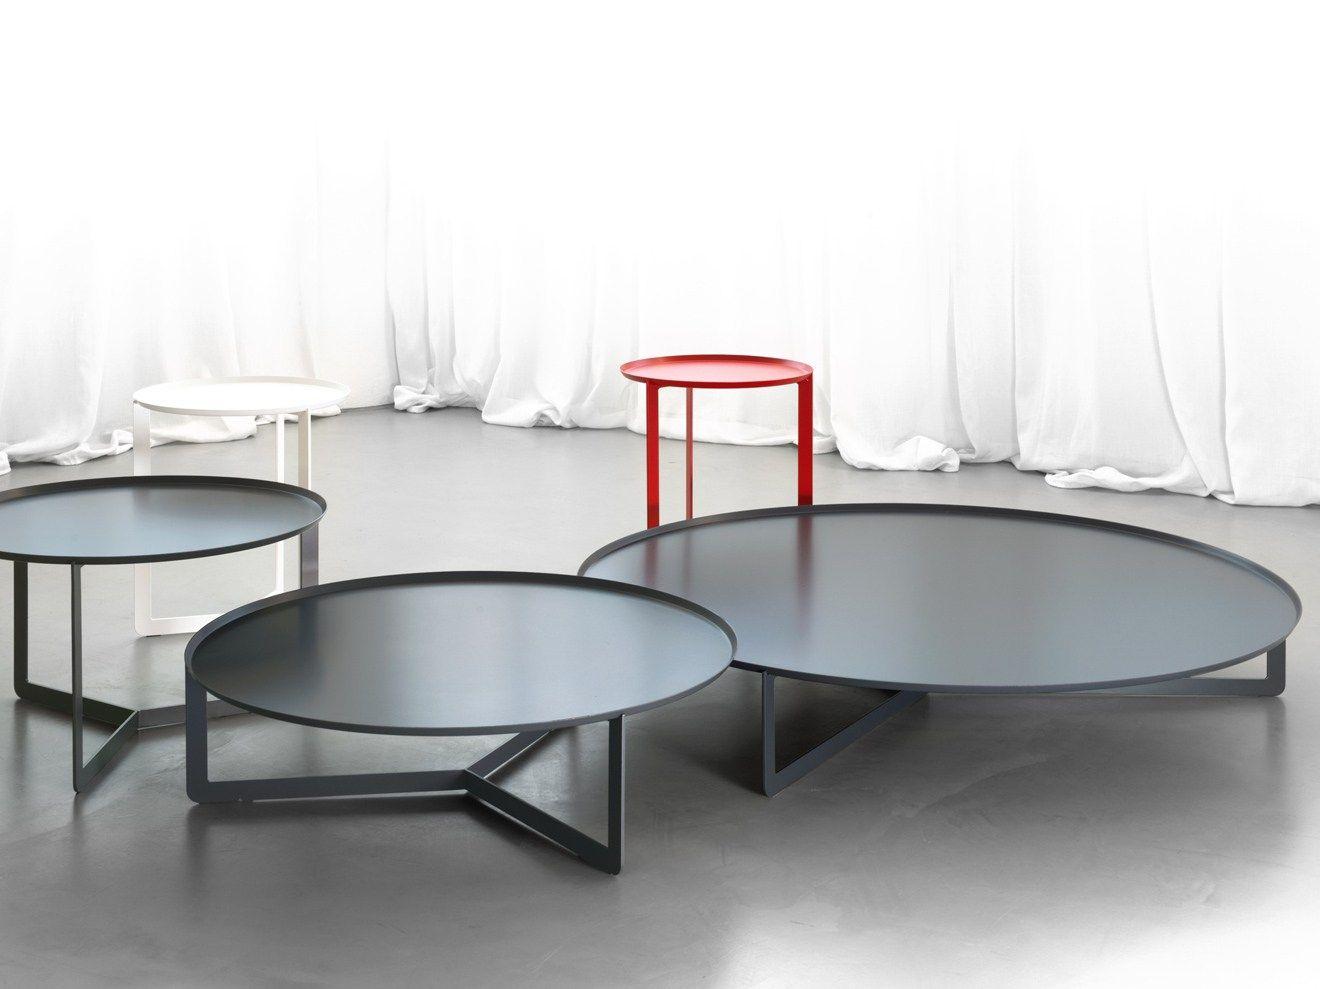 Round Outdoor Coffee Table By Memedesign Einrichten Und Wohnen Wohnen Wohnzimmer Ideen